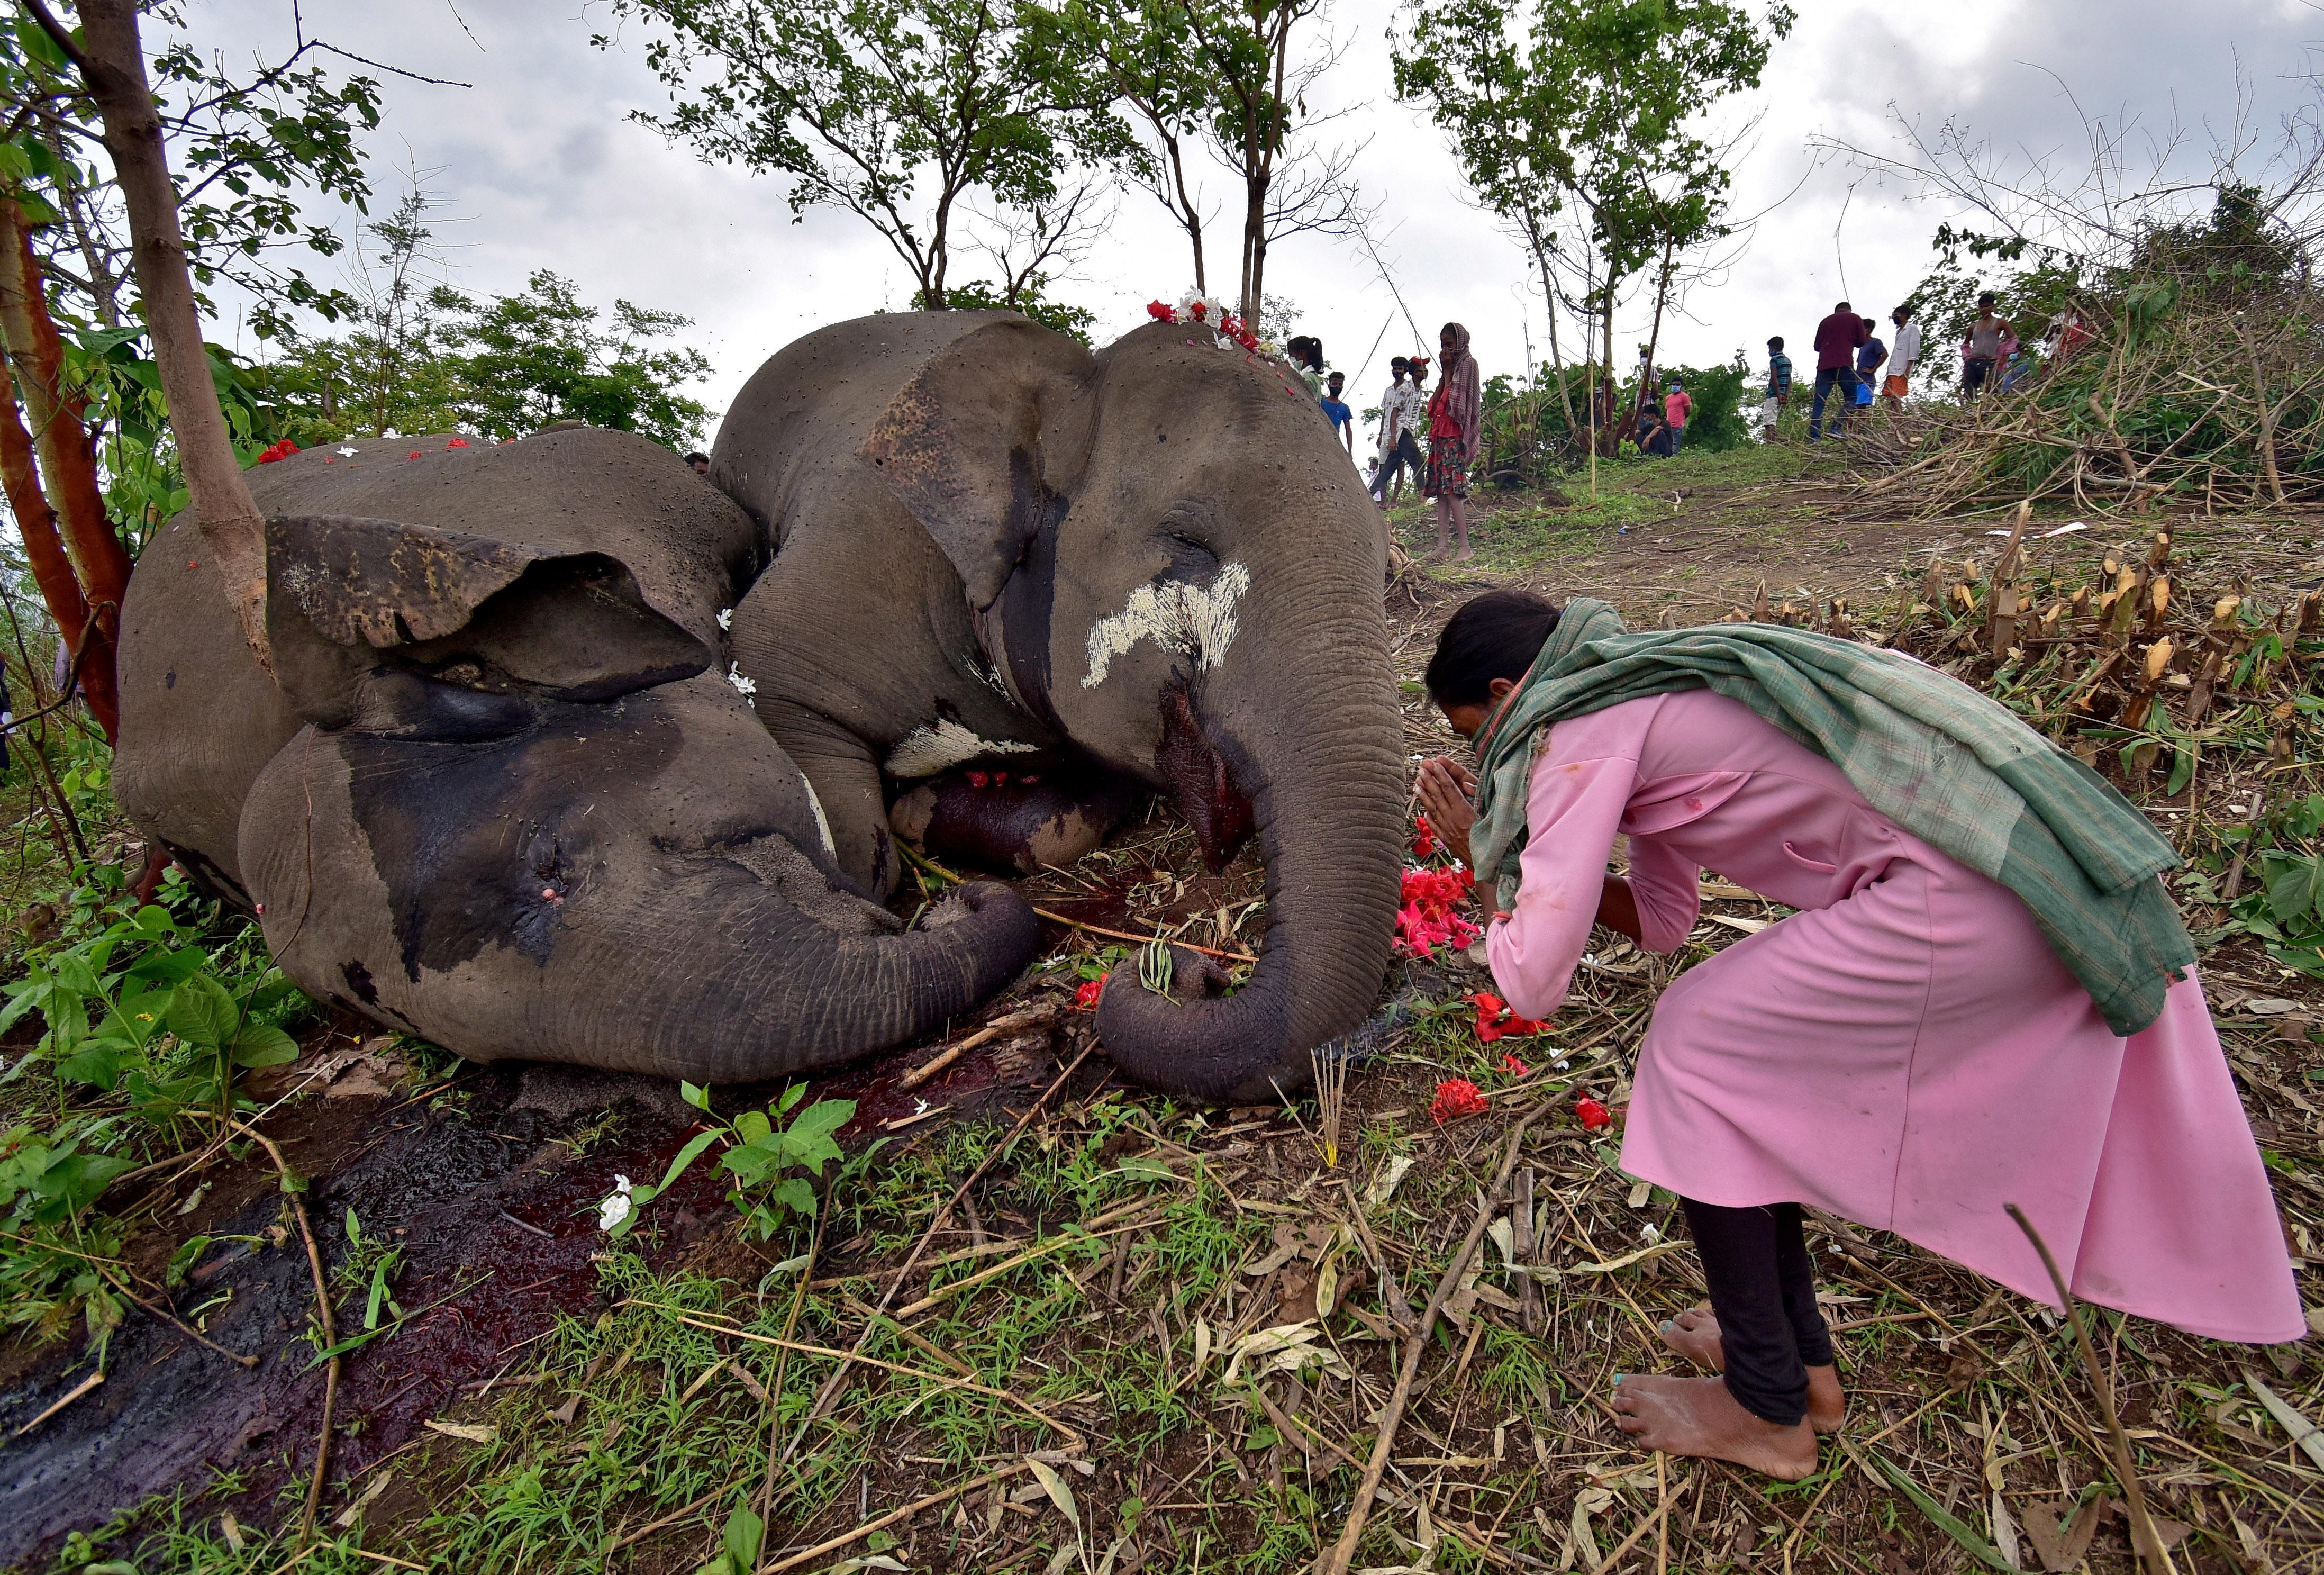 nekroi-18-agrioi-asiatikoi-elefantes-mesa-se-prostayteyomeno-dasos-stin-india1